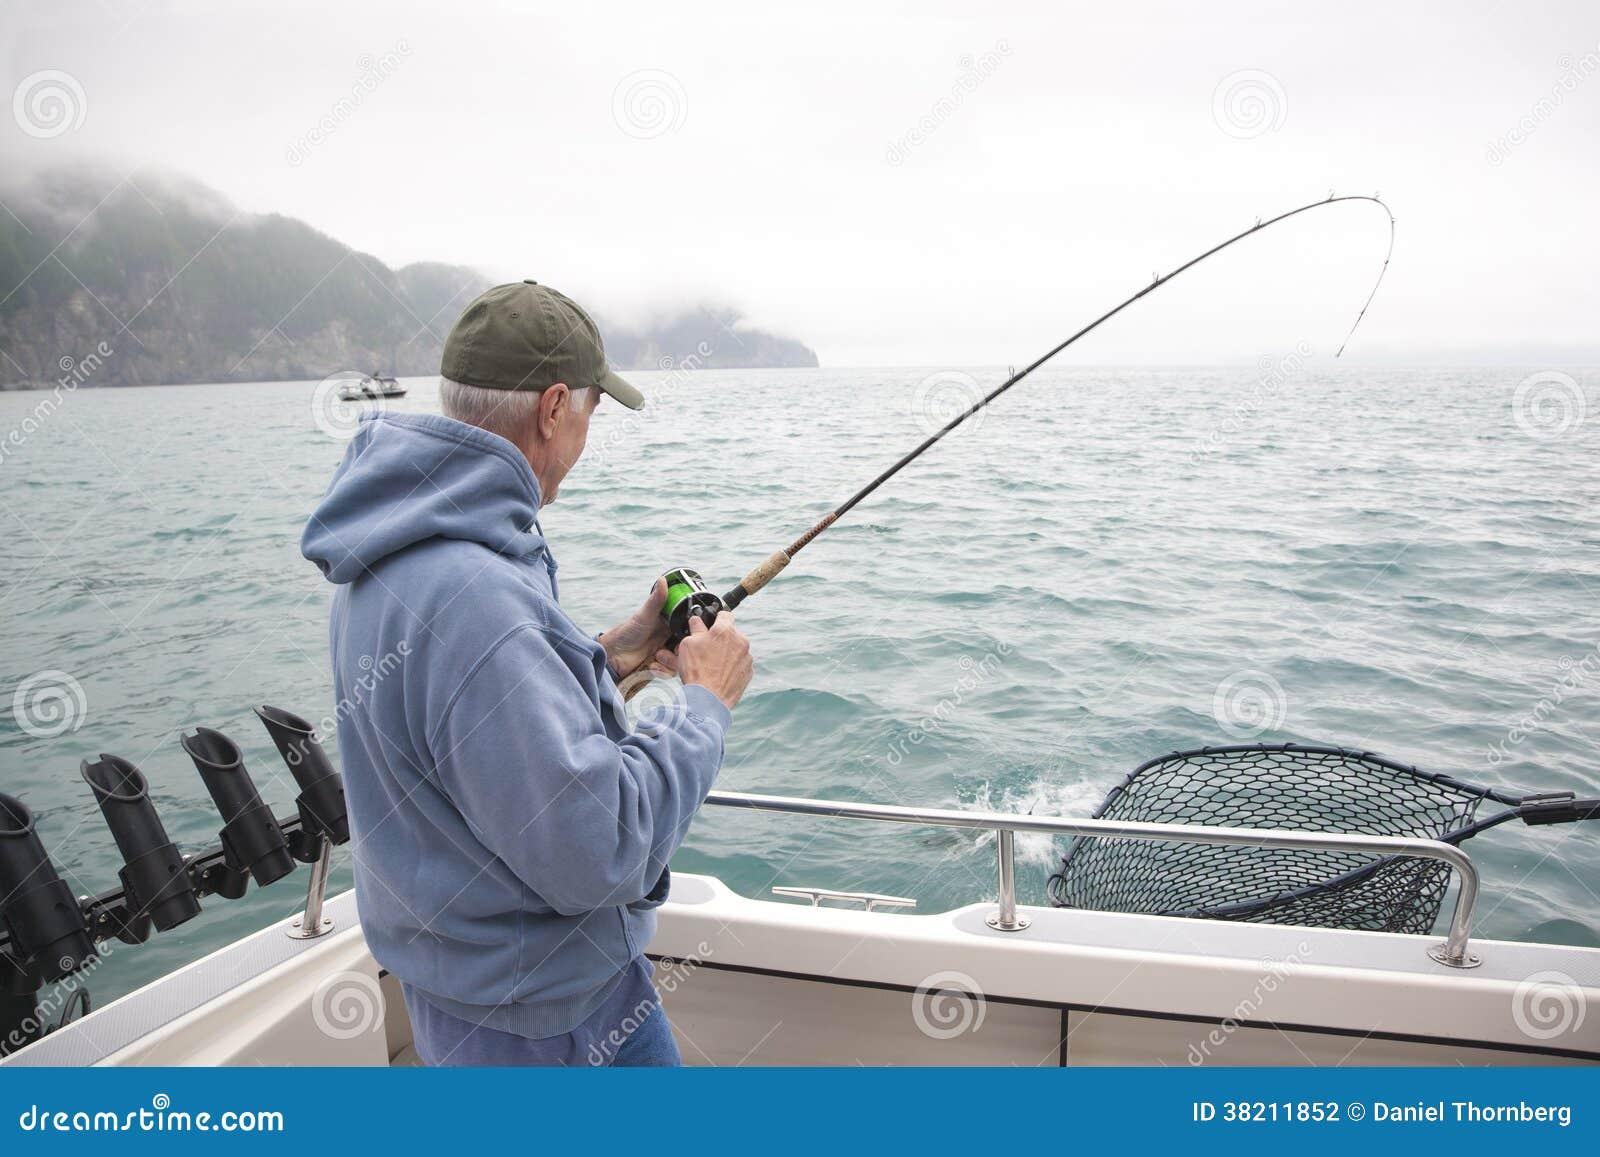 Senior man fishing for salmon in Alaska